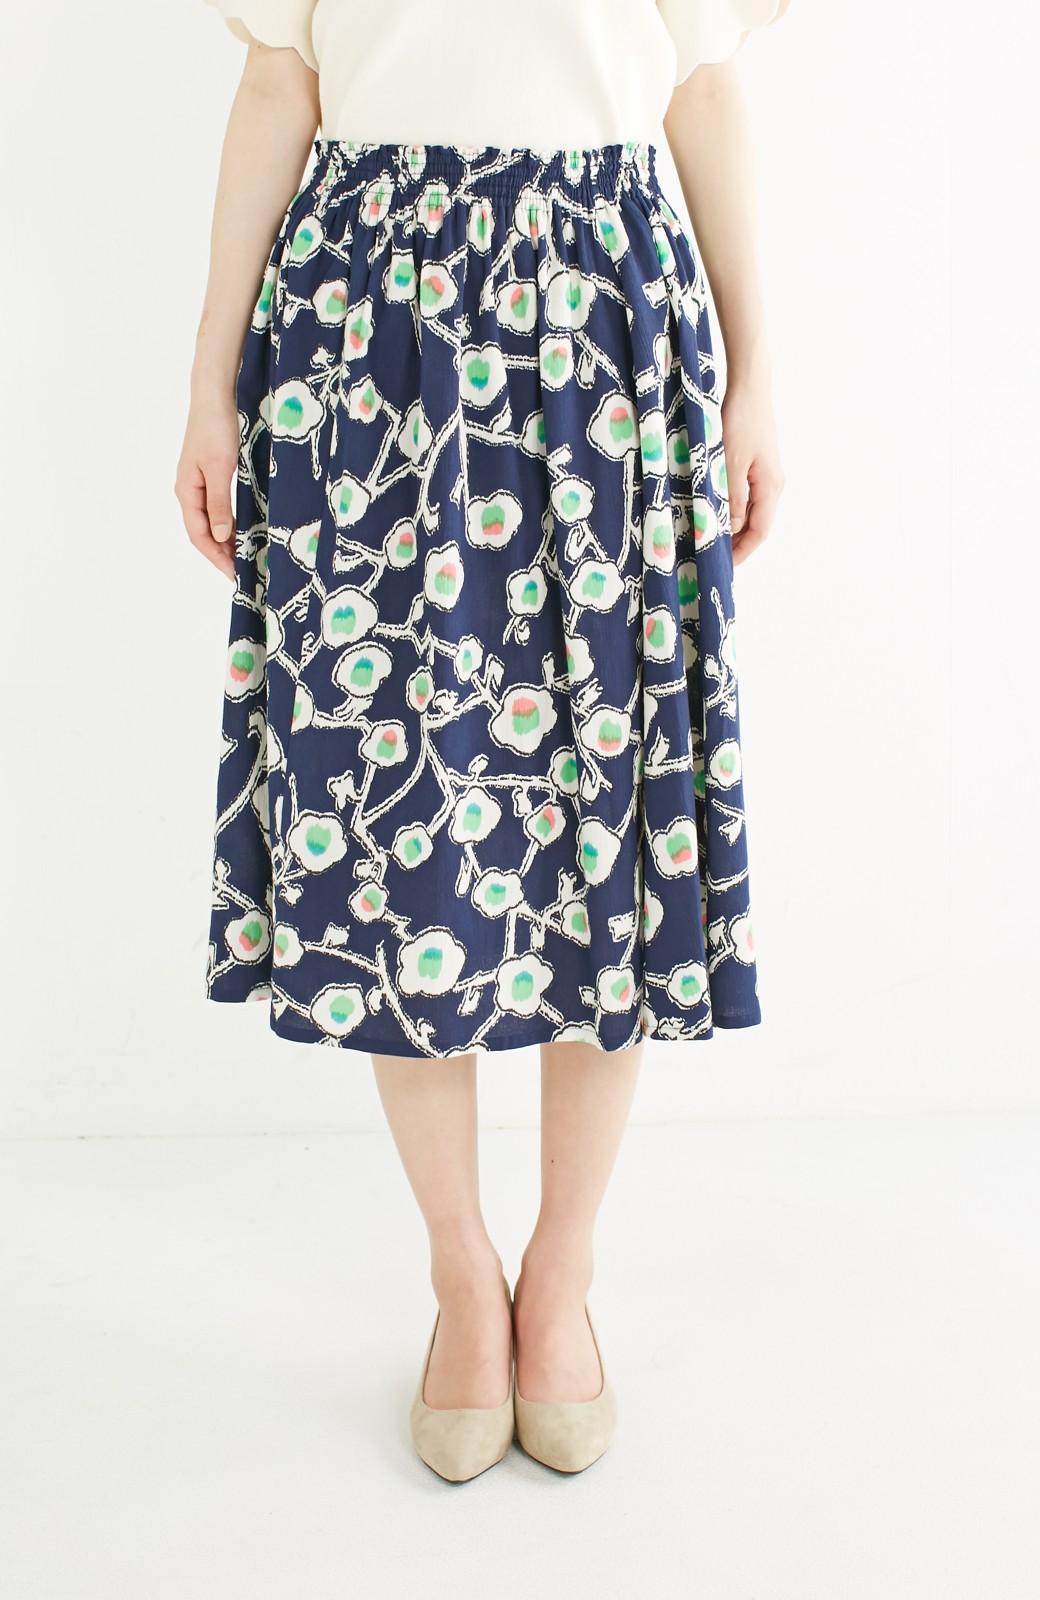 haco! 京都の浴衣屋さんと作った浴衣生地のスカート <ブルー系その他>の商品写真3